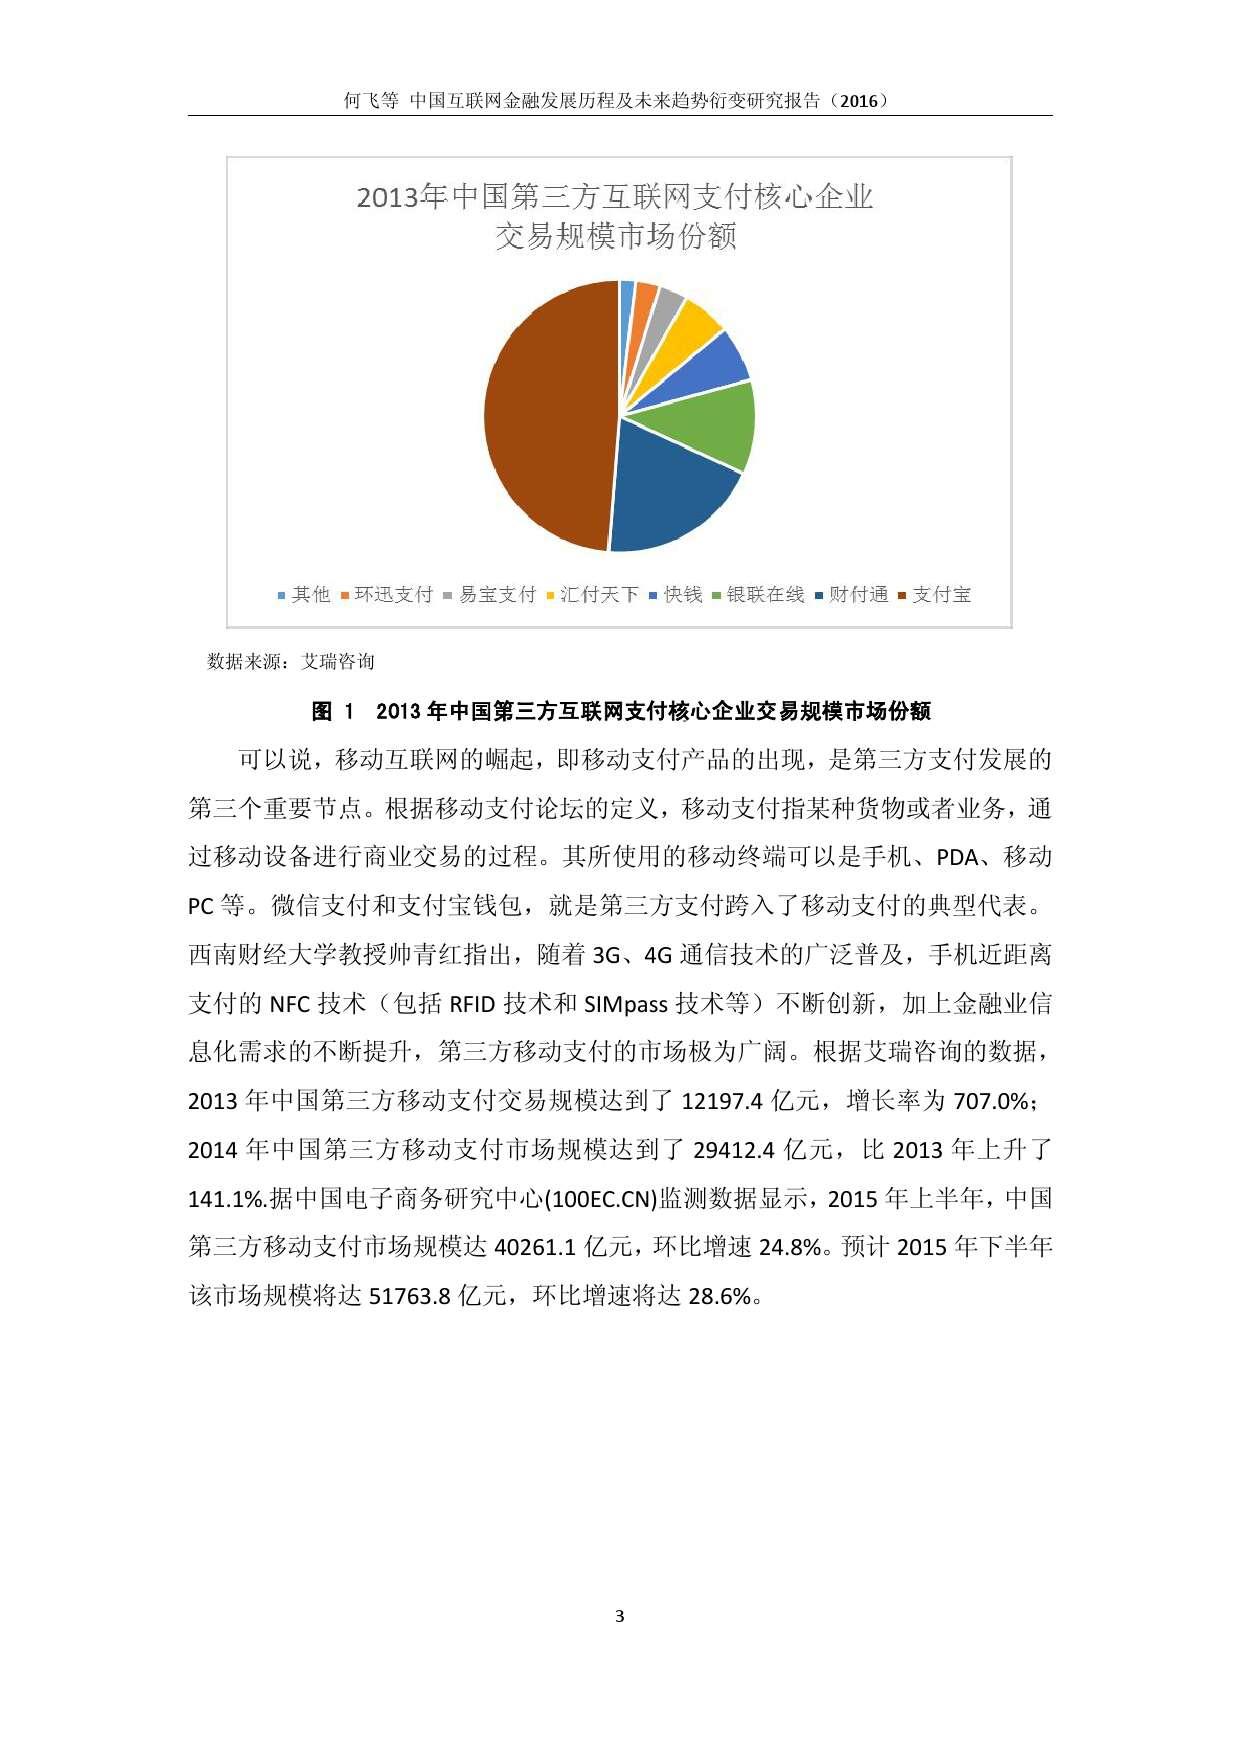 中国互联网金融发展历程及未来趋势衍变研究报告(2016)_000008